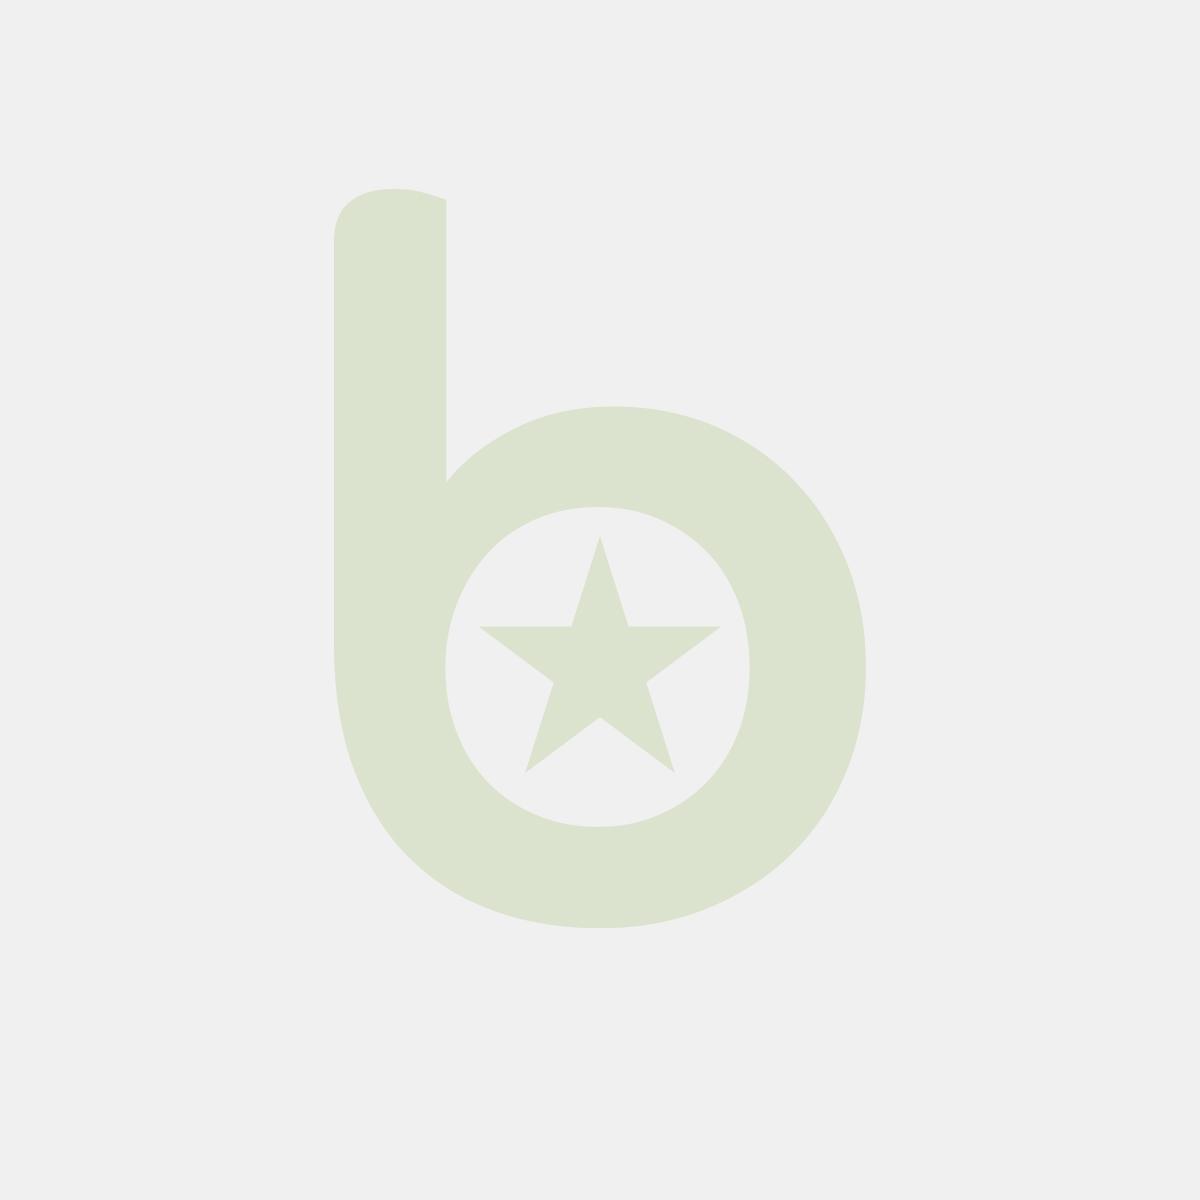 Pojemnik Gn 1/3 - Perforowany – 325X176 Mm Wysokość 200 Mm